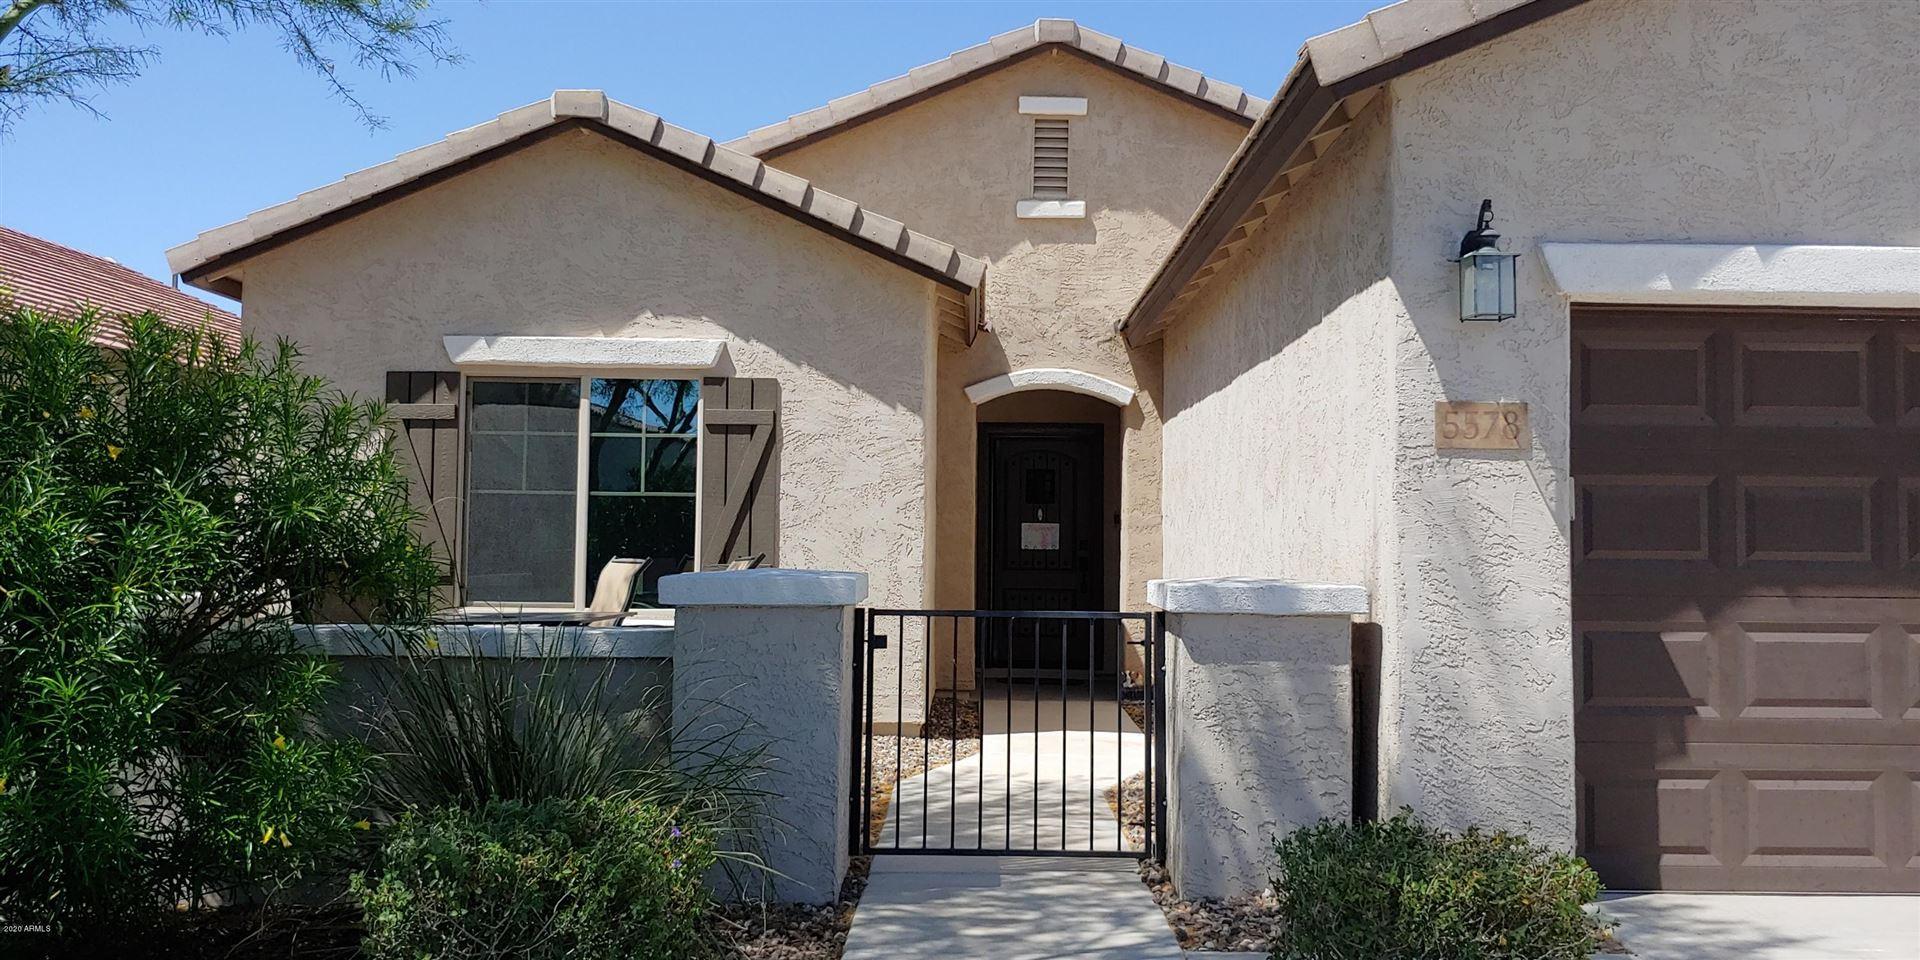 5578 W MONTEBELLO Way, Florence, AZ 85132 - MLS#: 6091256